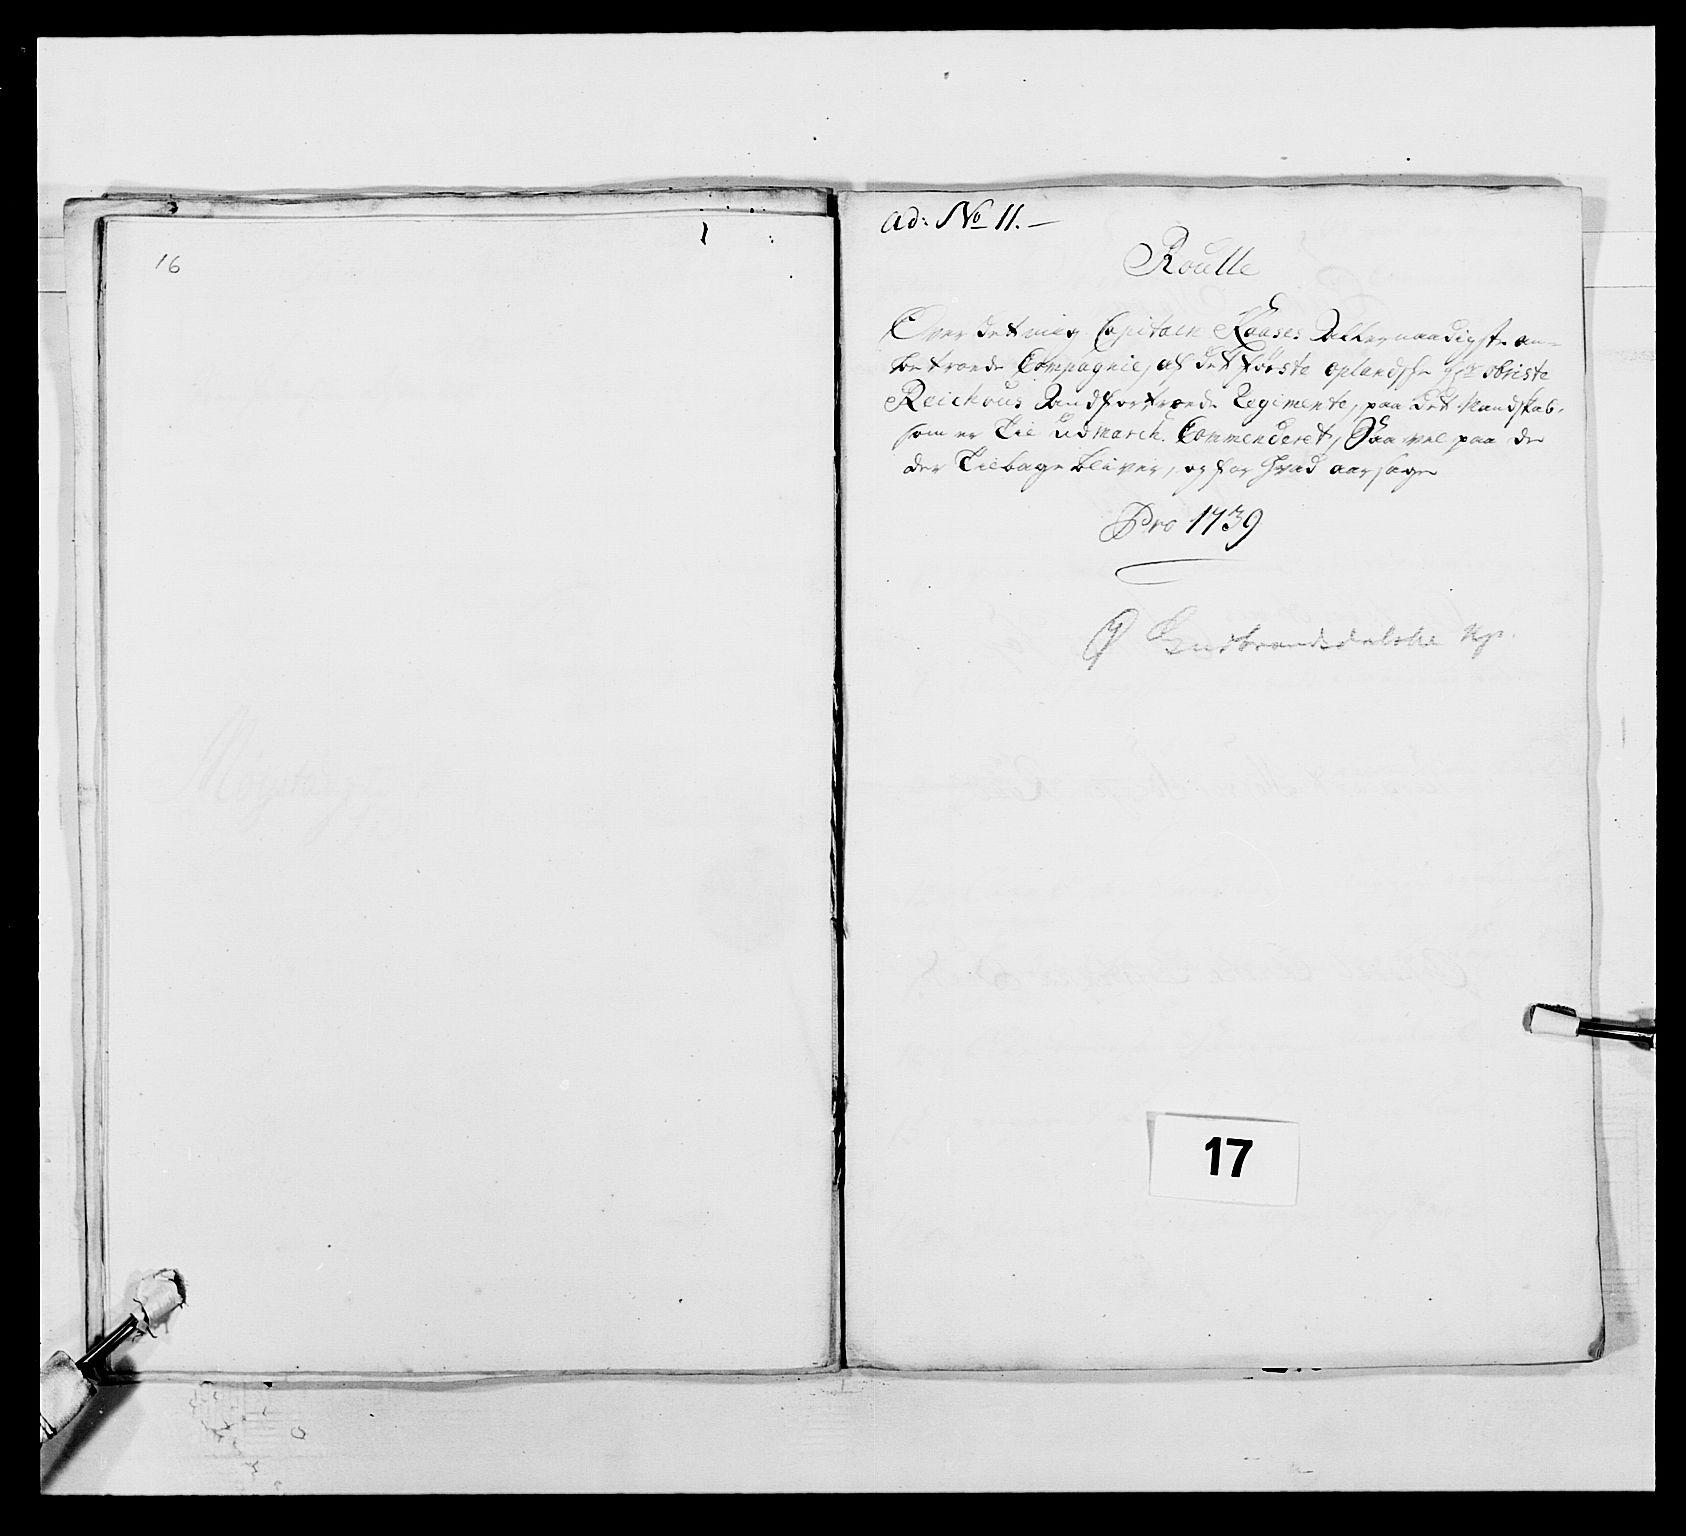 RA, Kommanderende general (KG I) med Det norske krigsdirektorium, E/Ea/L0502: 1. Opplandske regiment, 1720-1743, s. 167